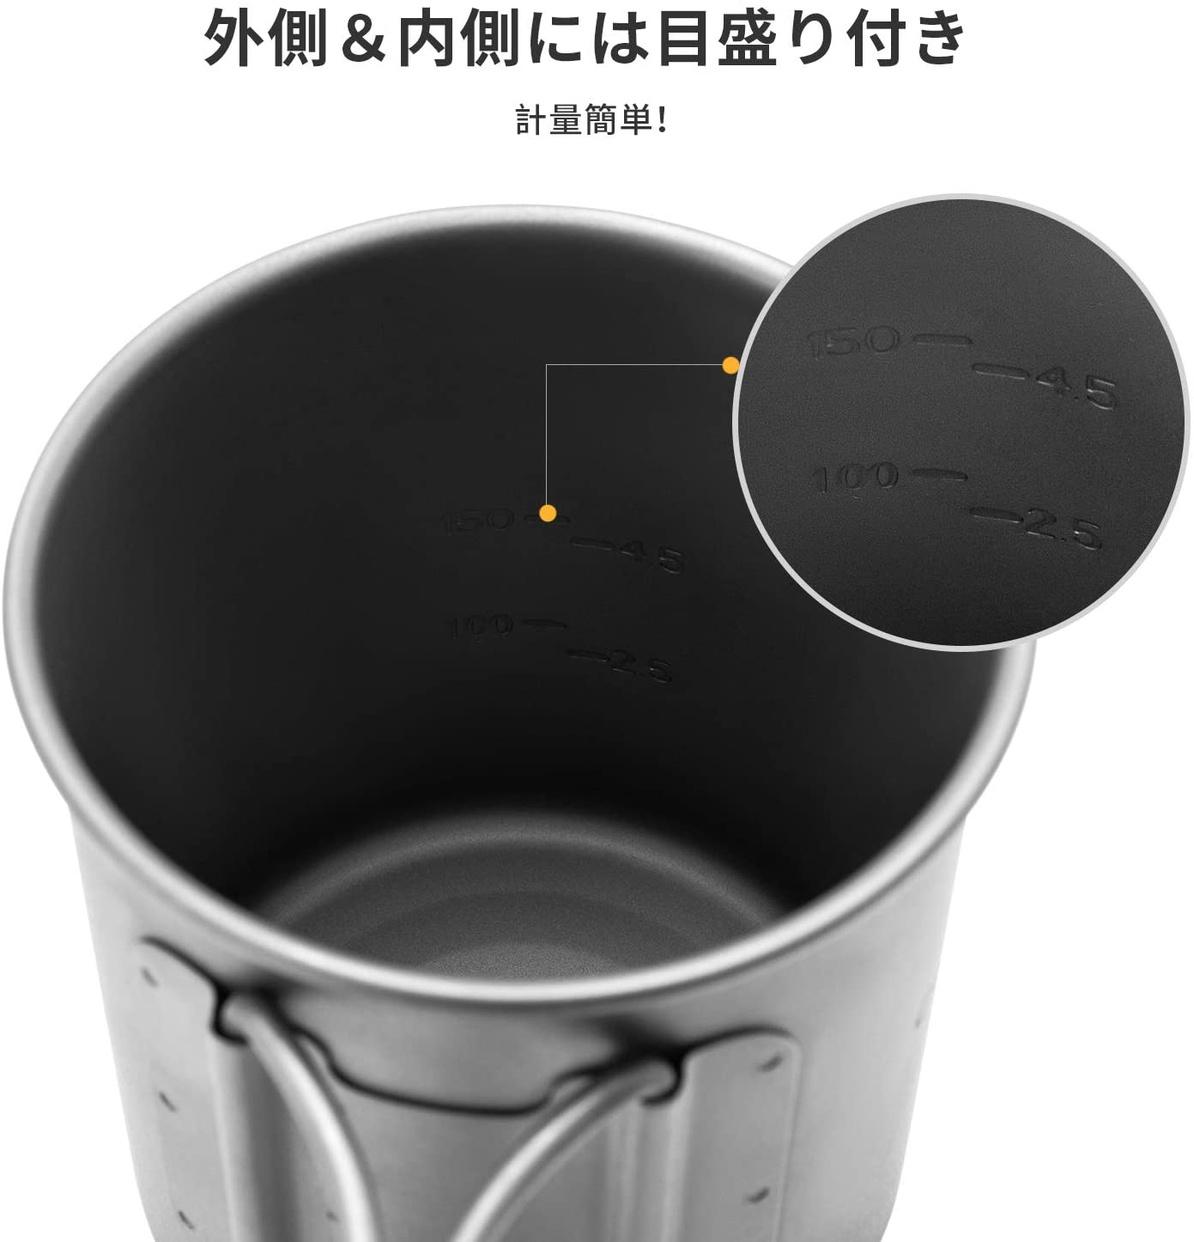 COOK'N'ESCAPE(コックンエスケープ) アウトドア用マグカップの商品画像5